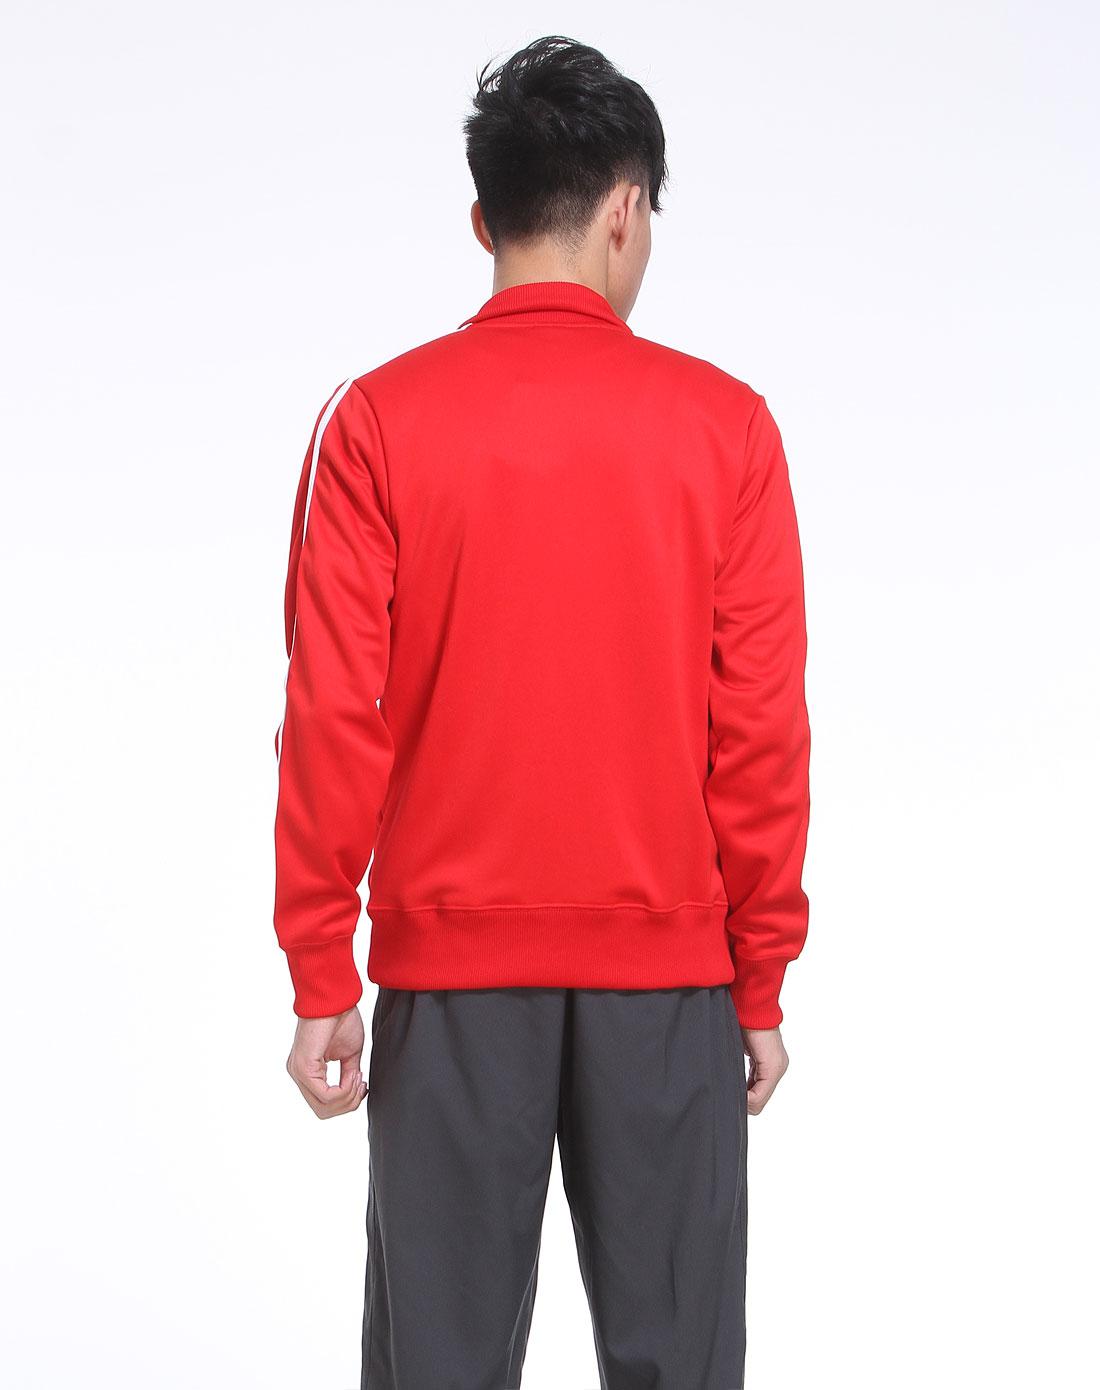 耐克nike男装专场-红色长袖休闲针织外套